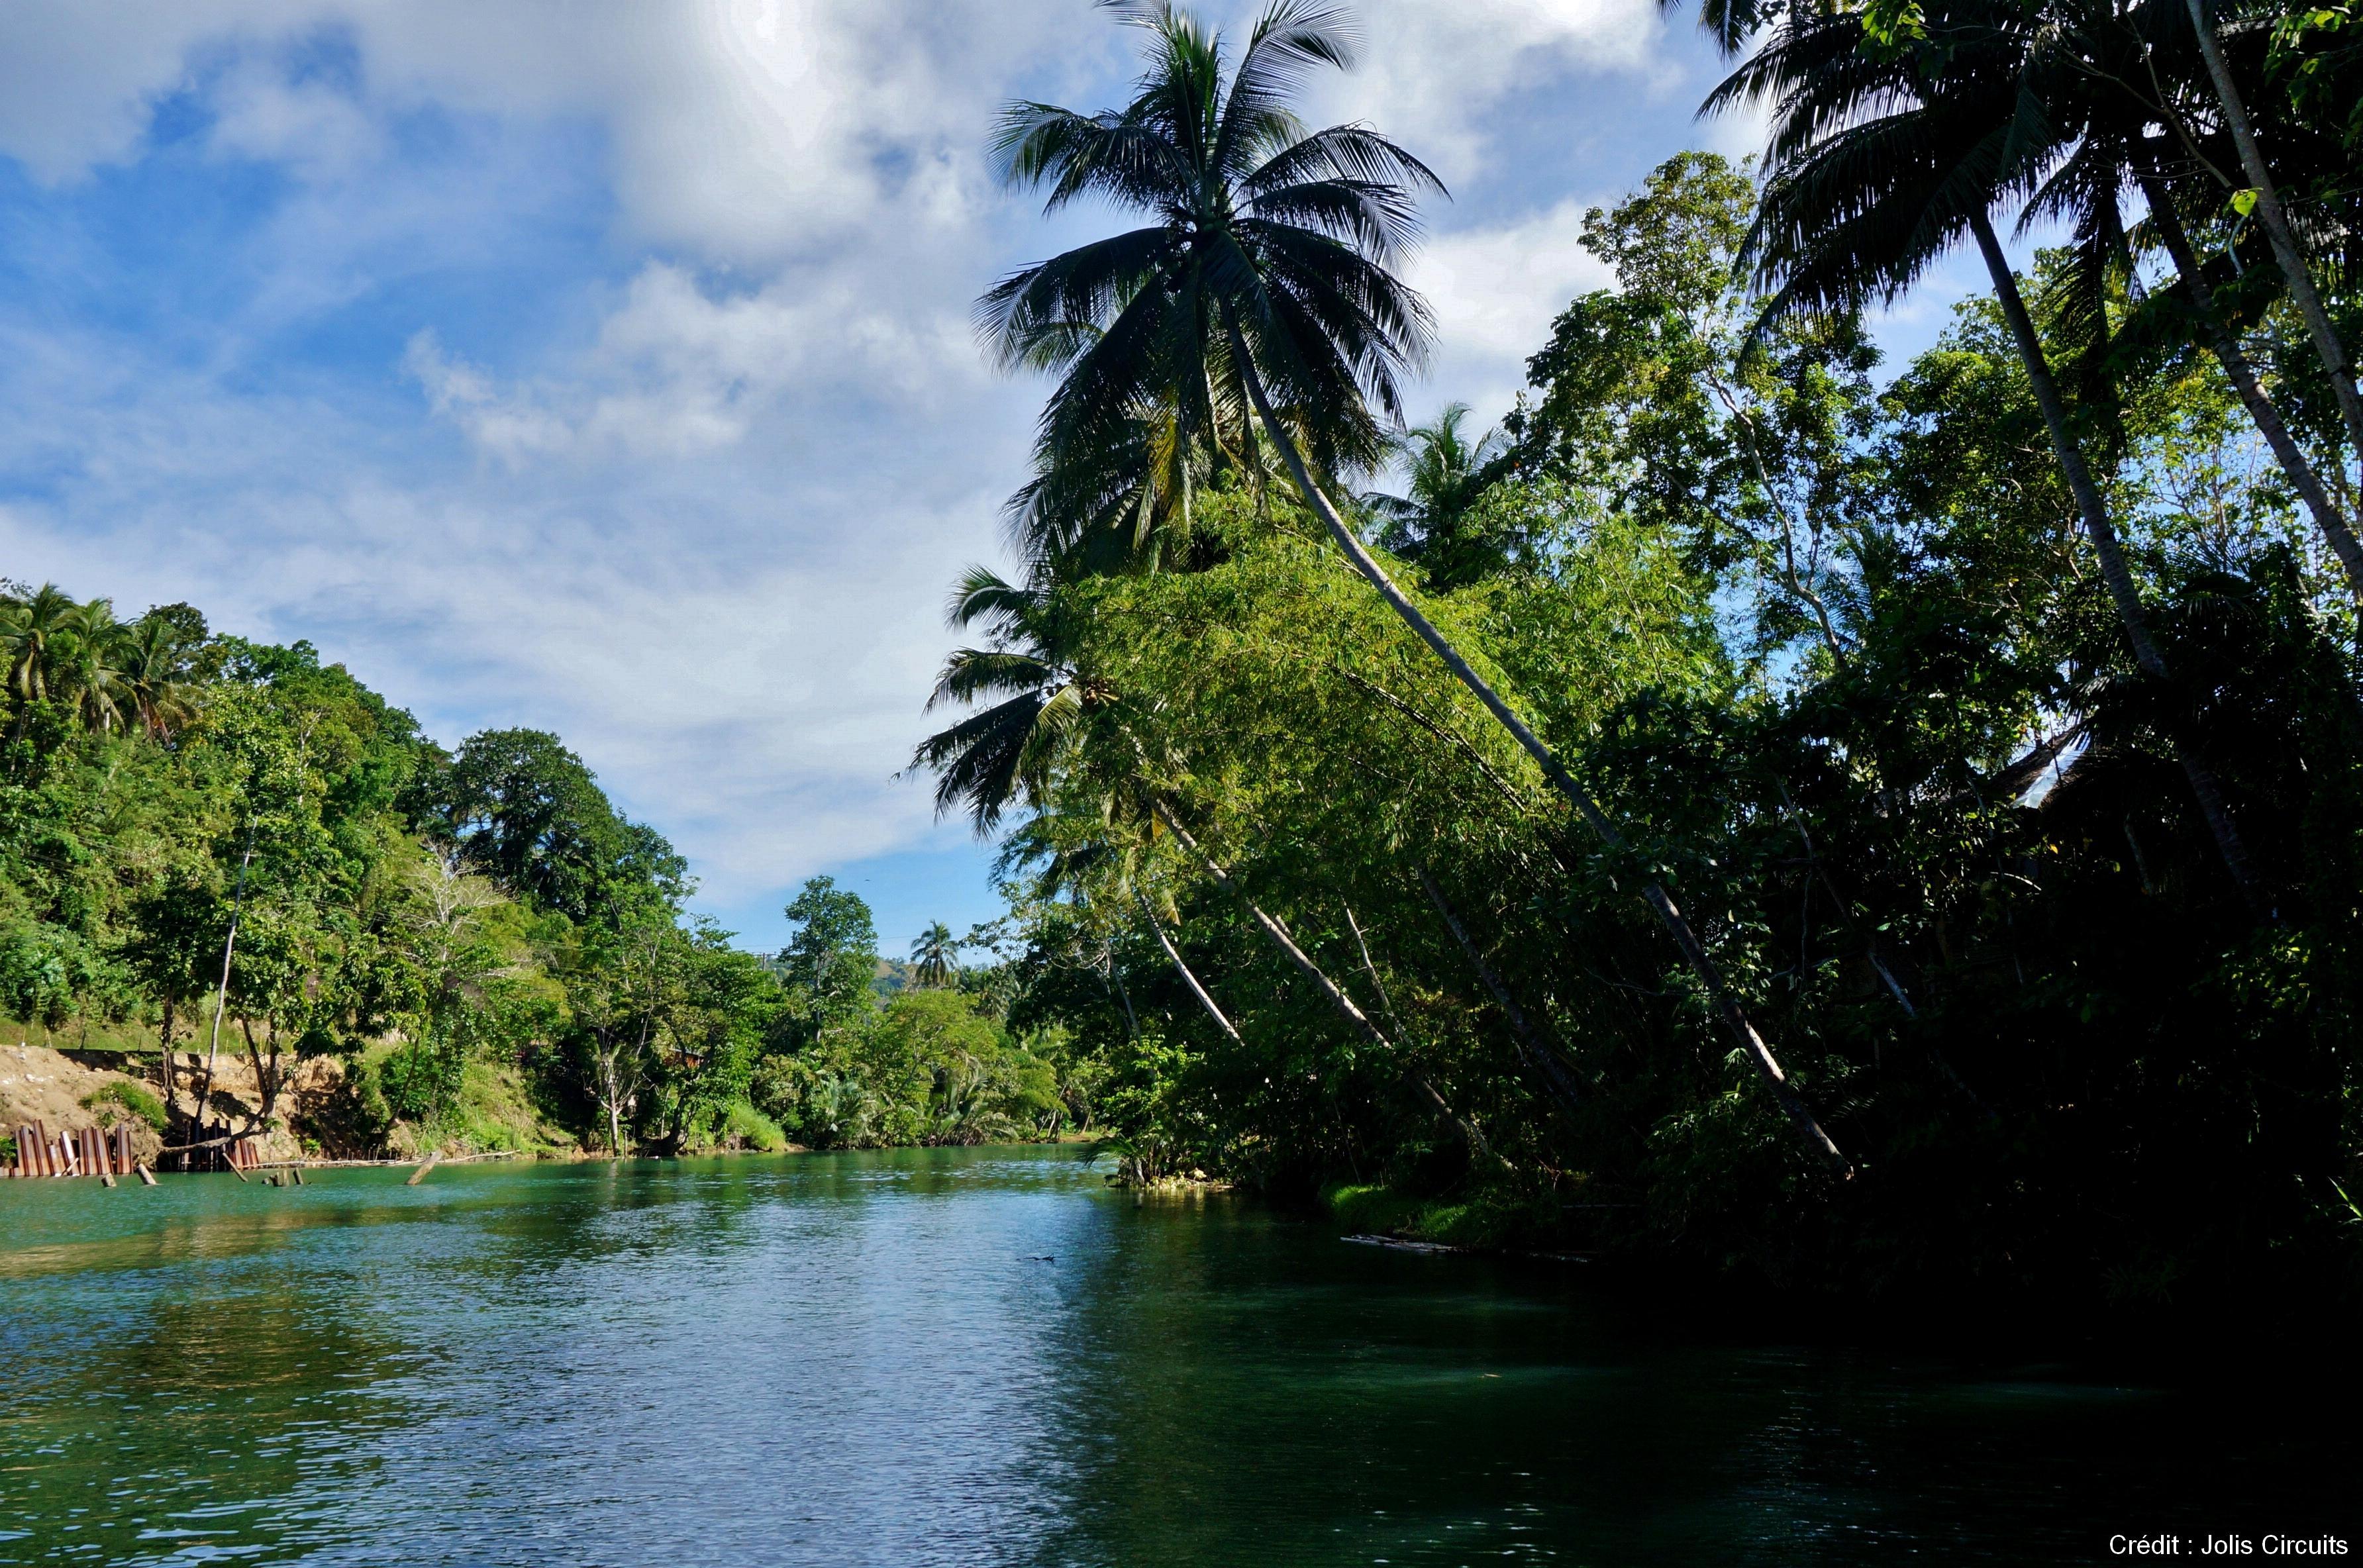 croisiere sur la rivière loboc bohol philippines